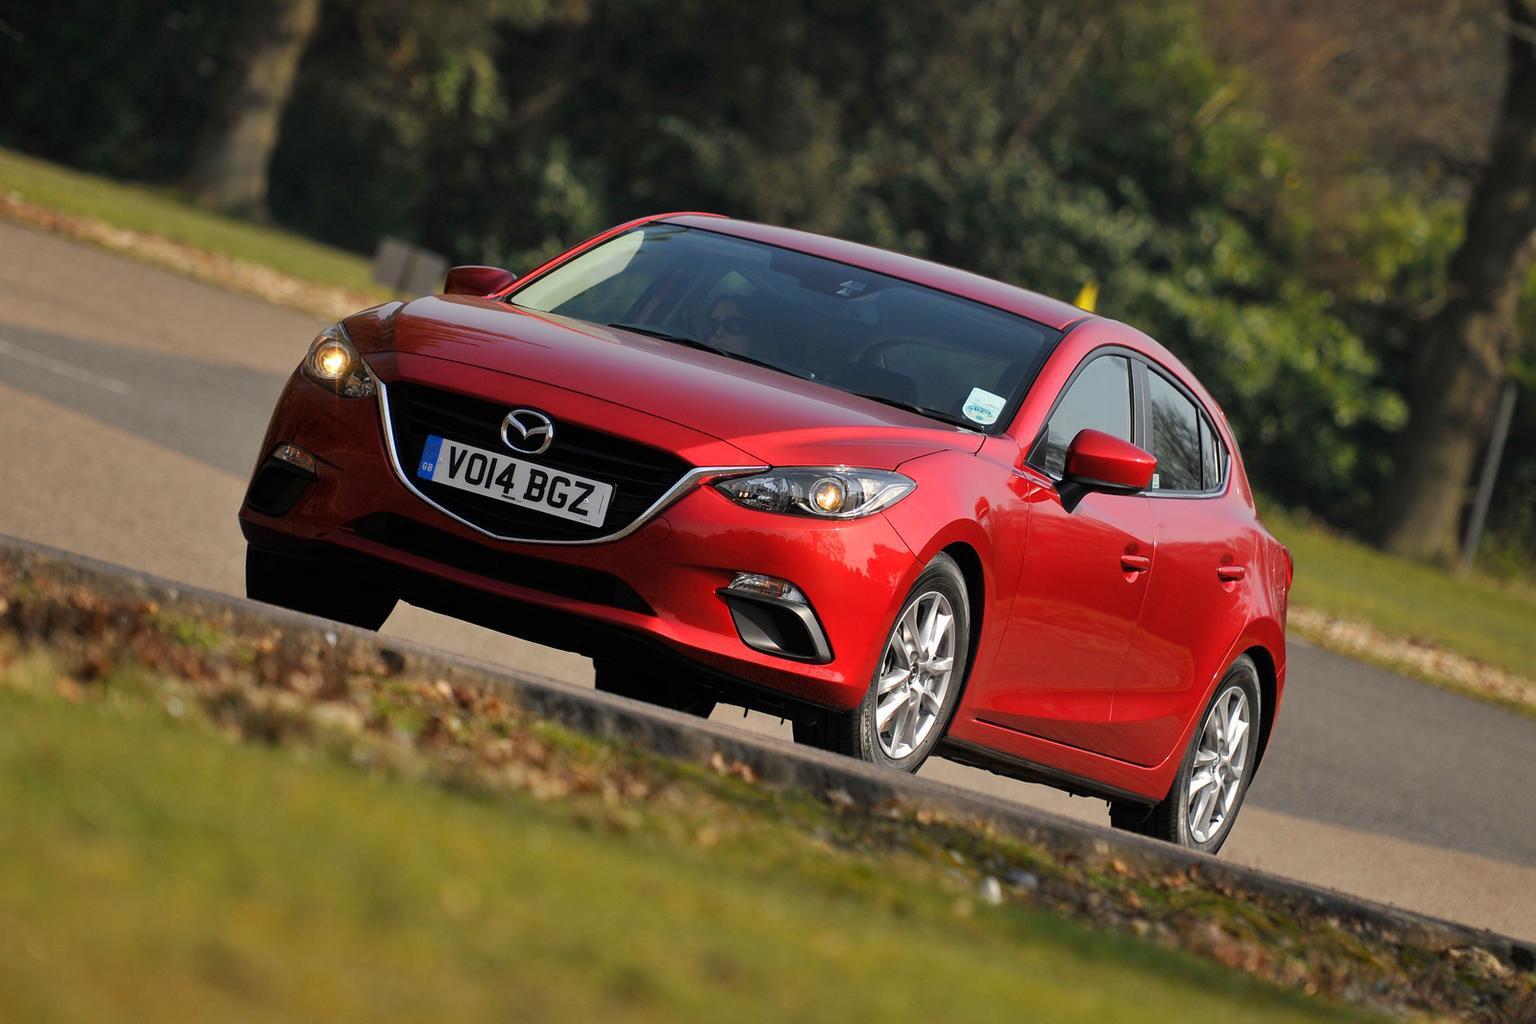 Mazda 3 2.0 120 SE Nav long-term review